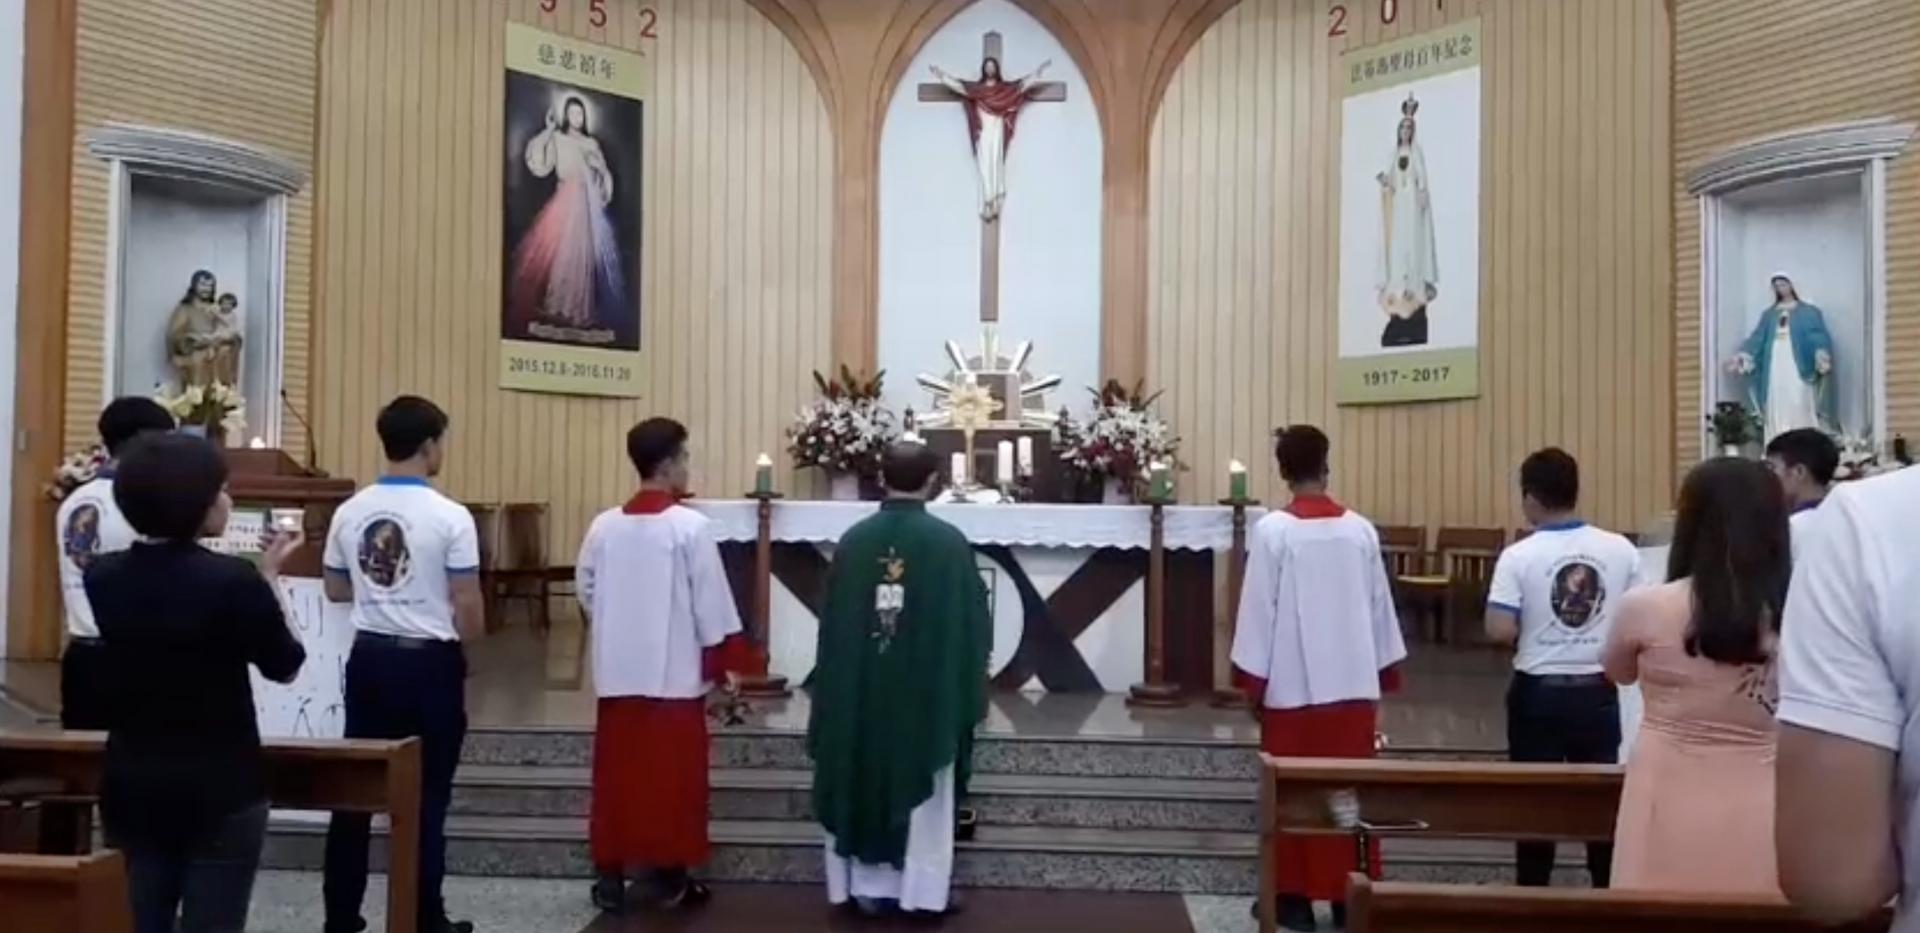 Tín đồ Công Giáo tại Đài Loan